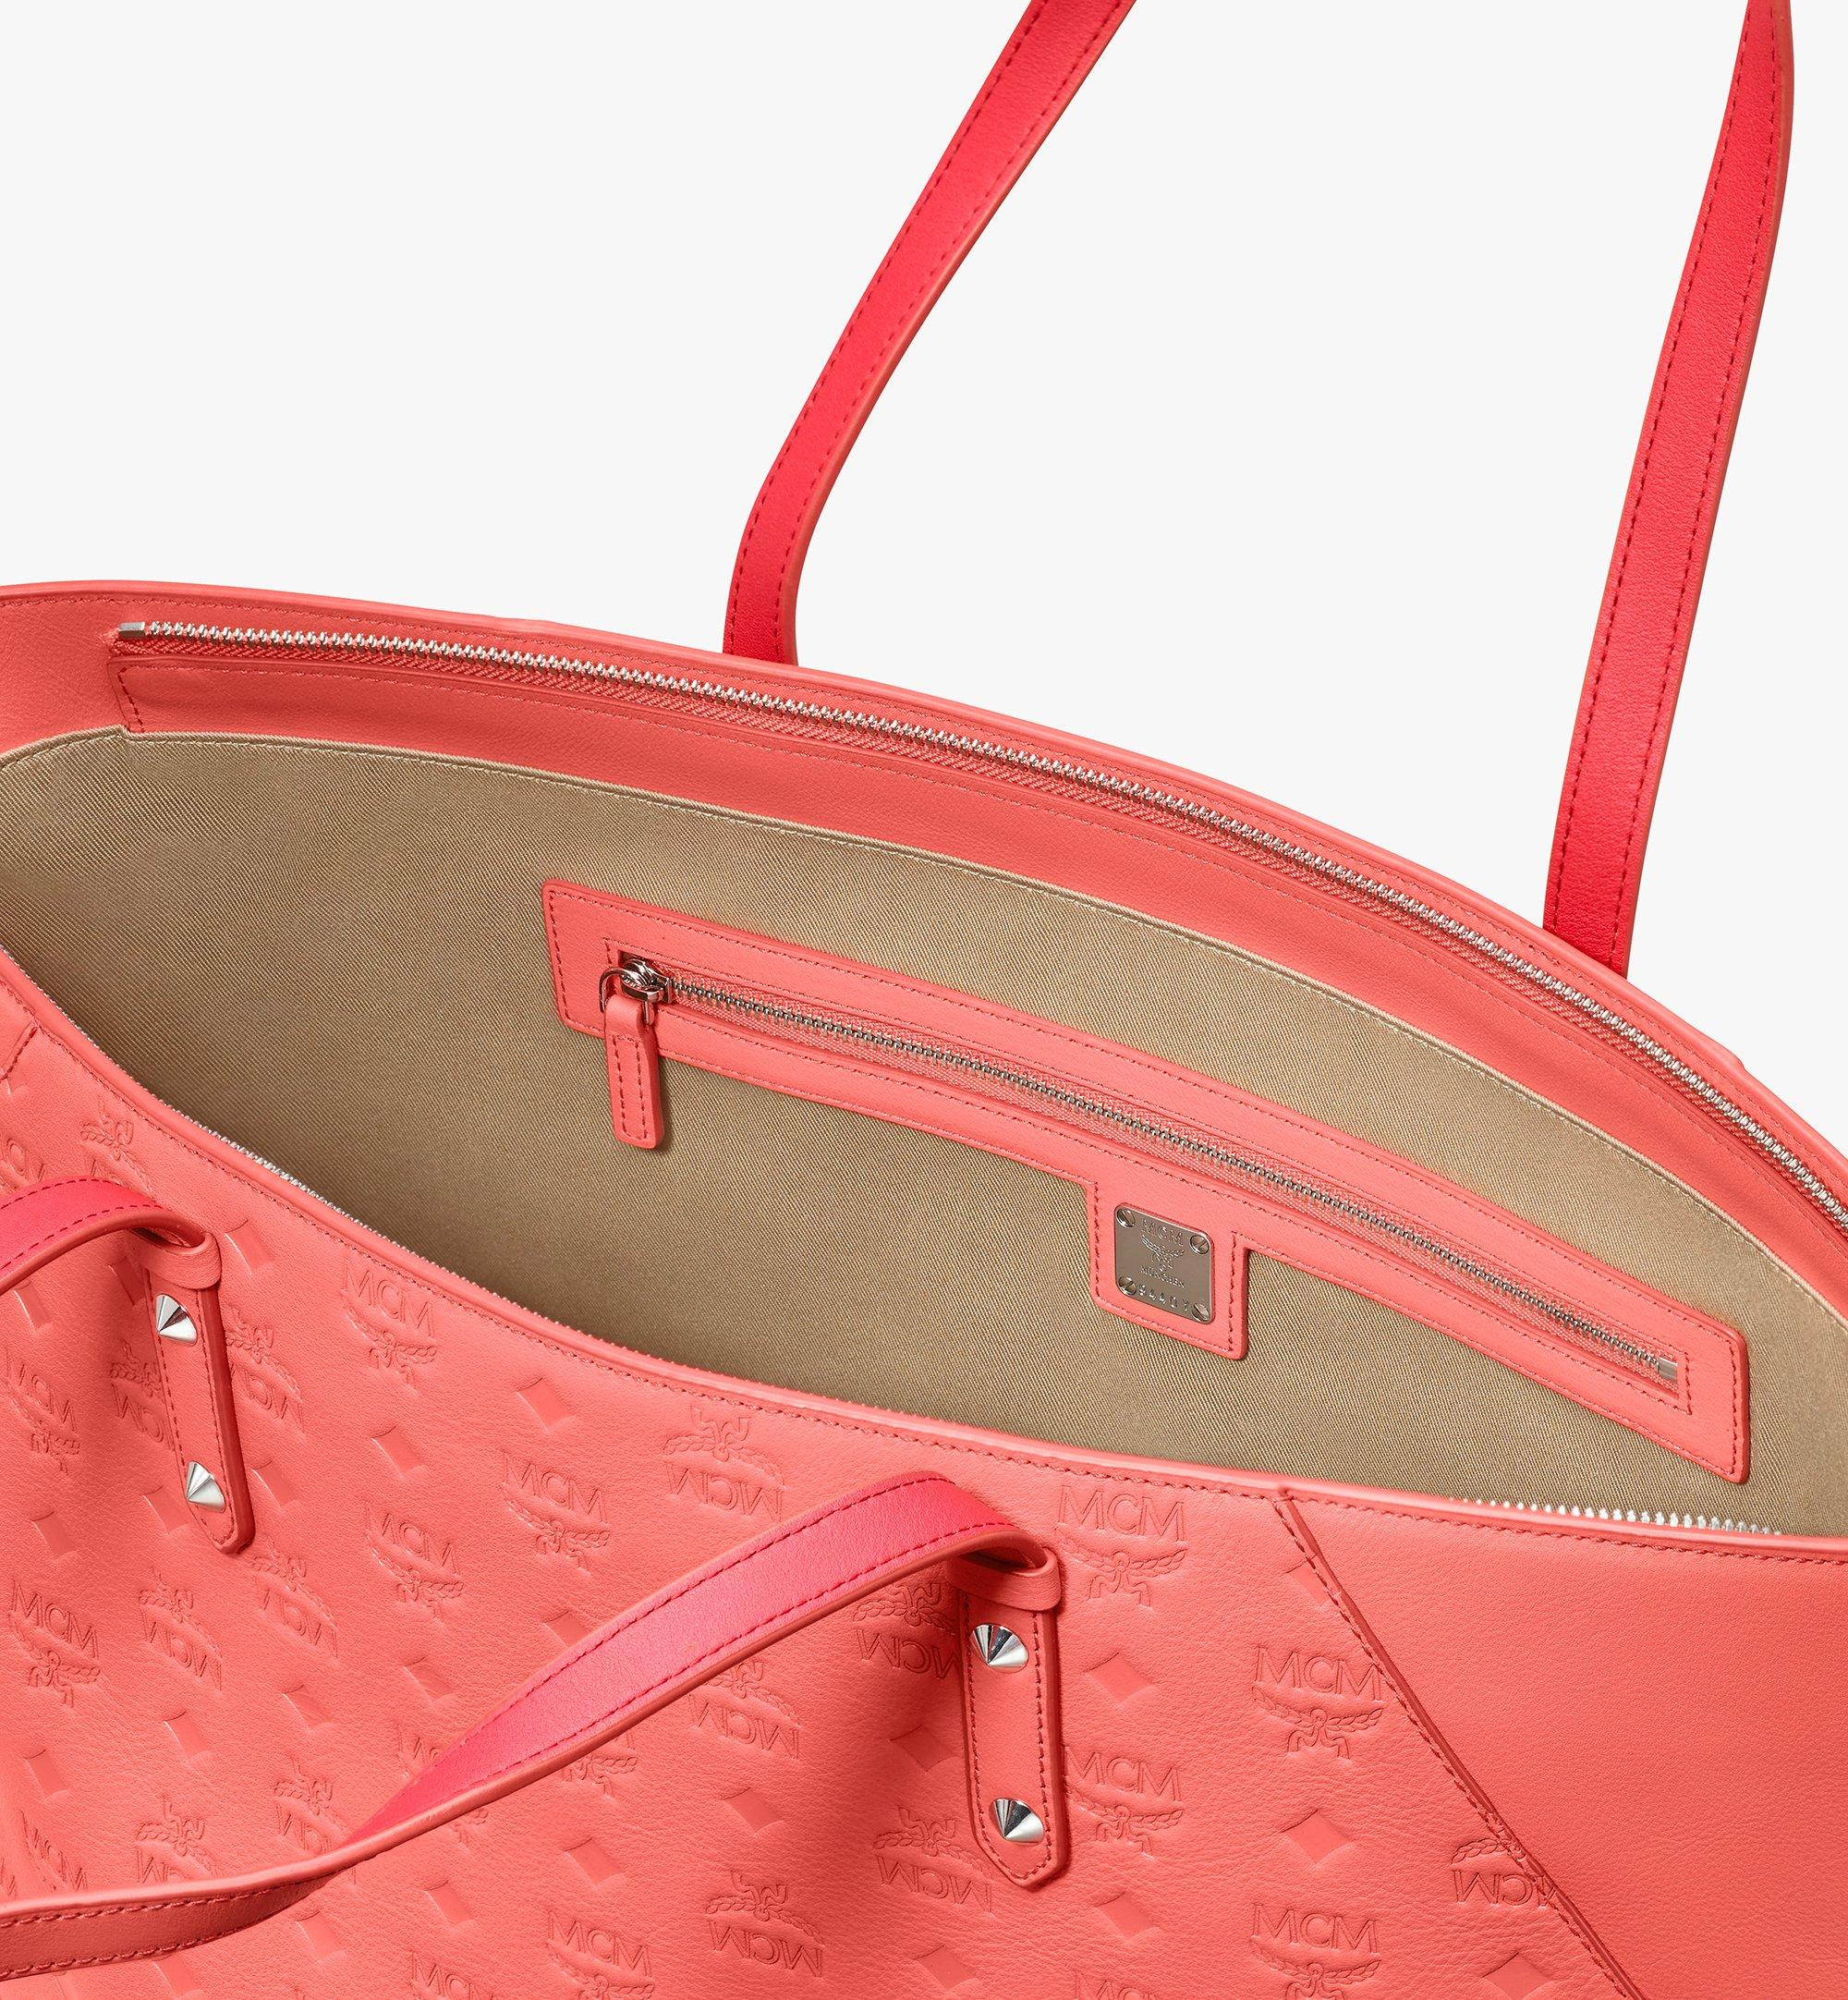 Medium Klara Shopper in Monogram Leather Hot Coral | MCM® DE